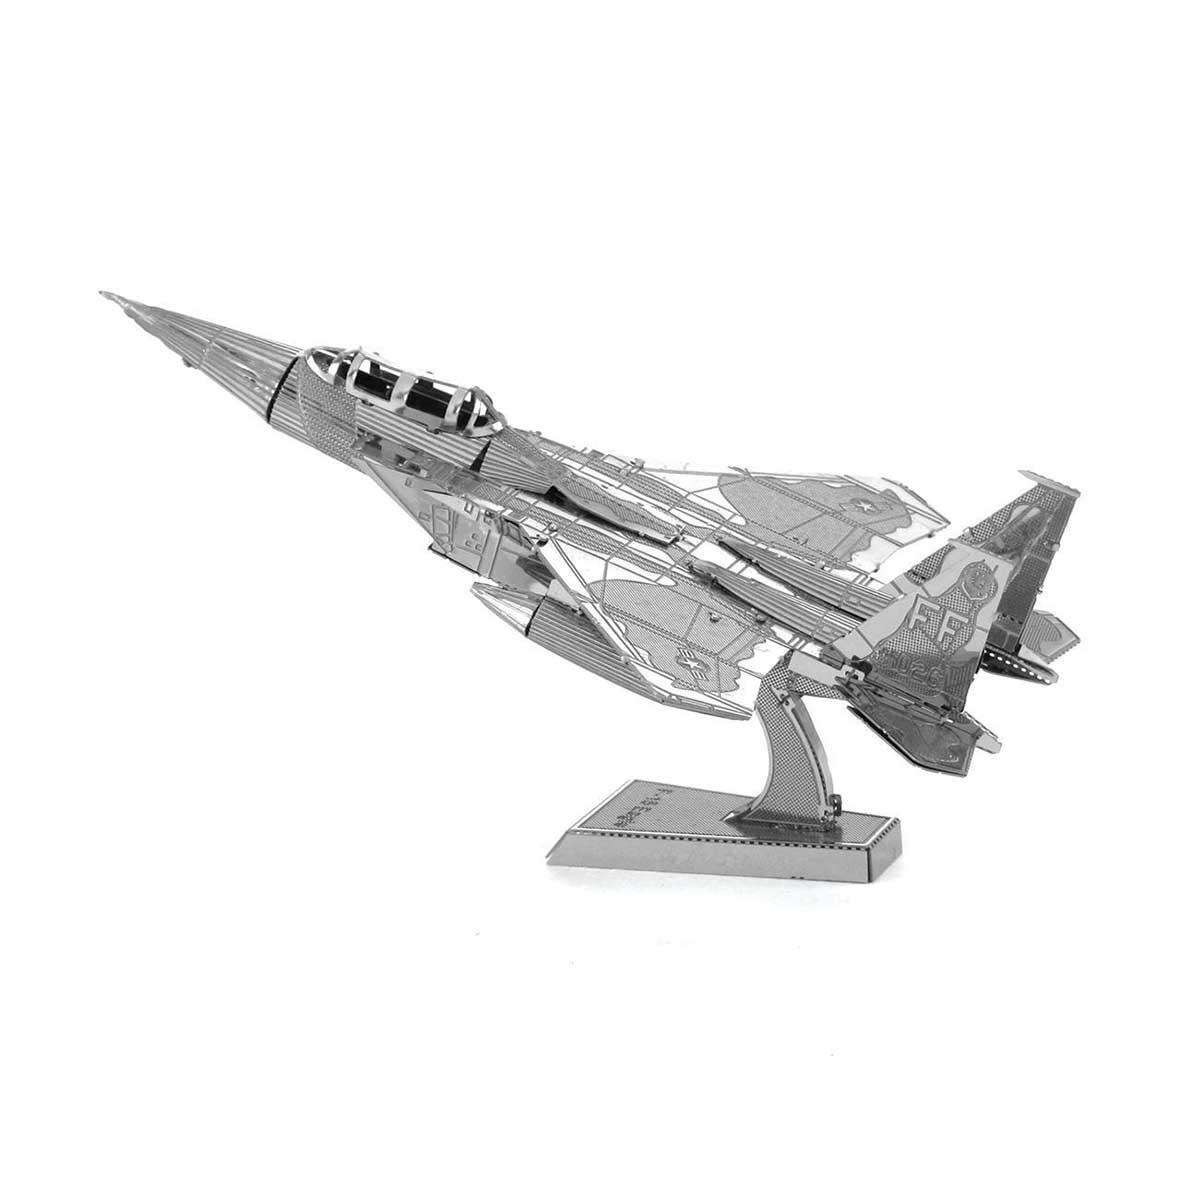 F-15 Eagle Planes 3D Puzzle